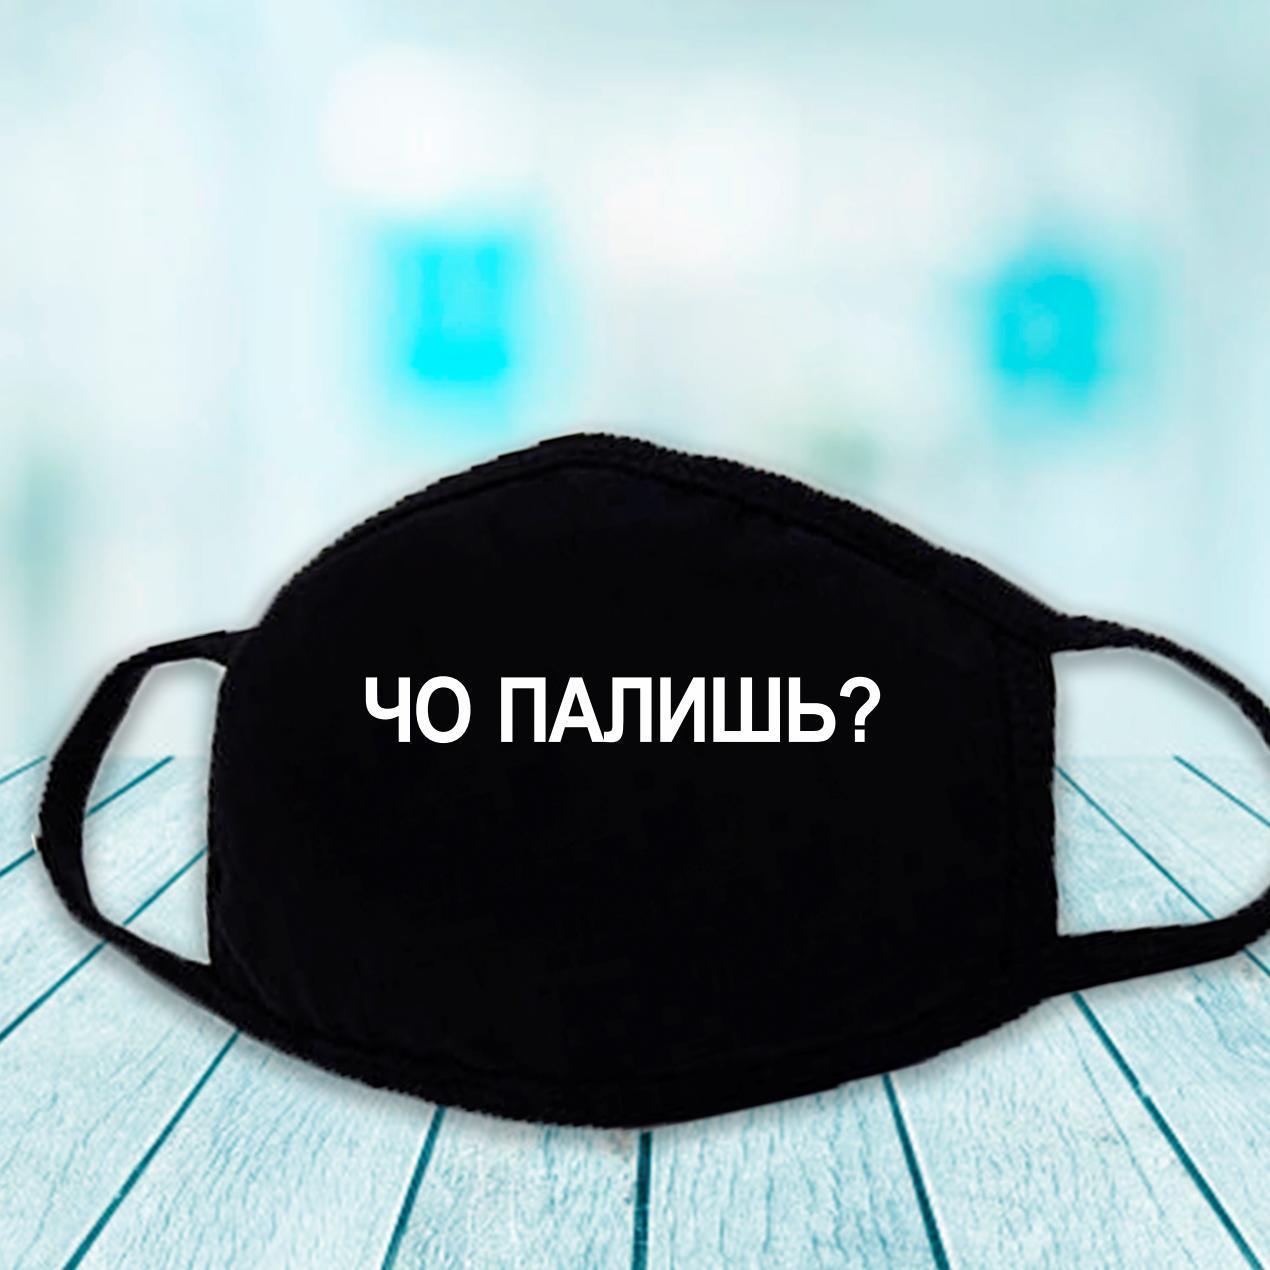 """Многоразовая (респиратор) защитная маска на лицо с принтом """"Чо палишь?"""""""